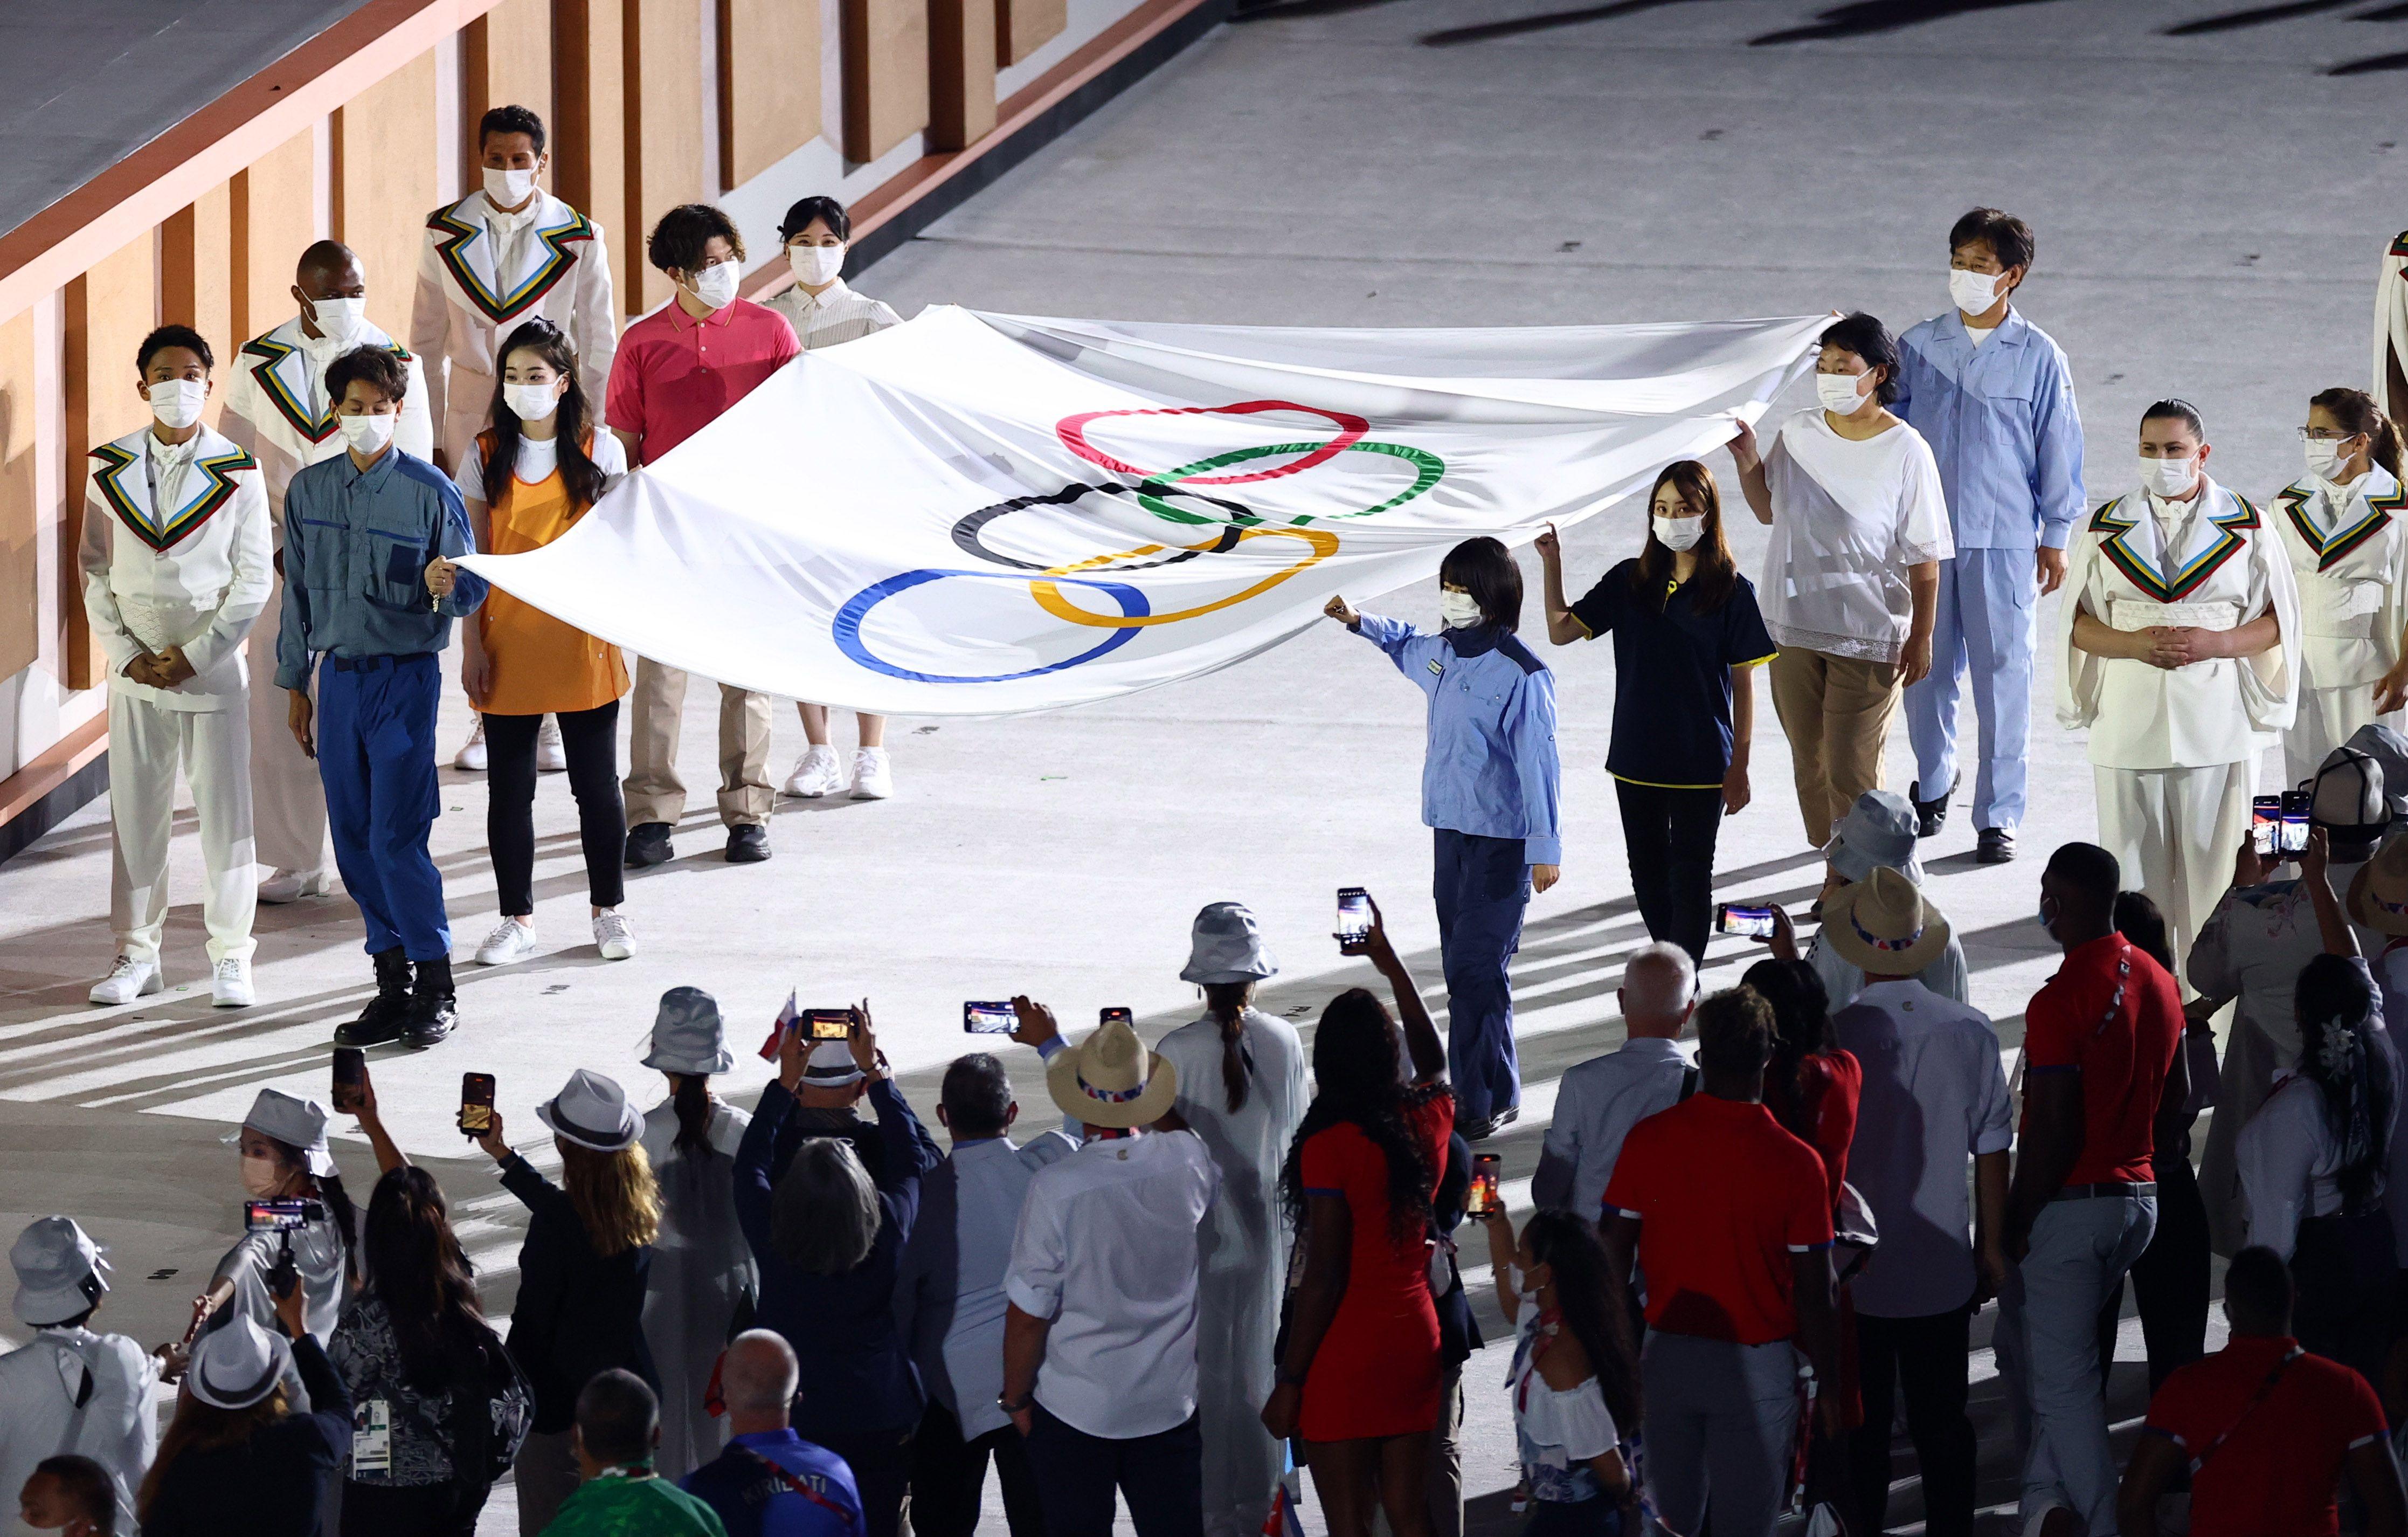 El momento en el que le cedieron la bandera a trabajadores de la salud (Foto: Reuters)